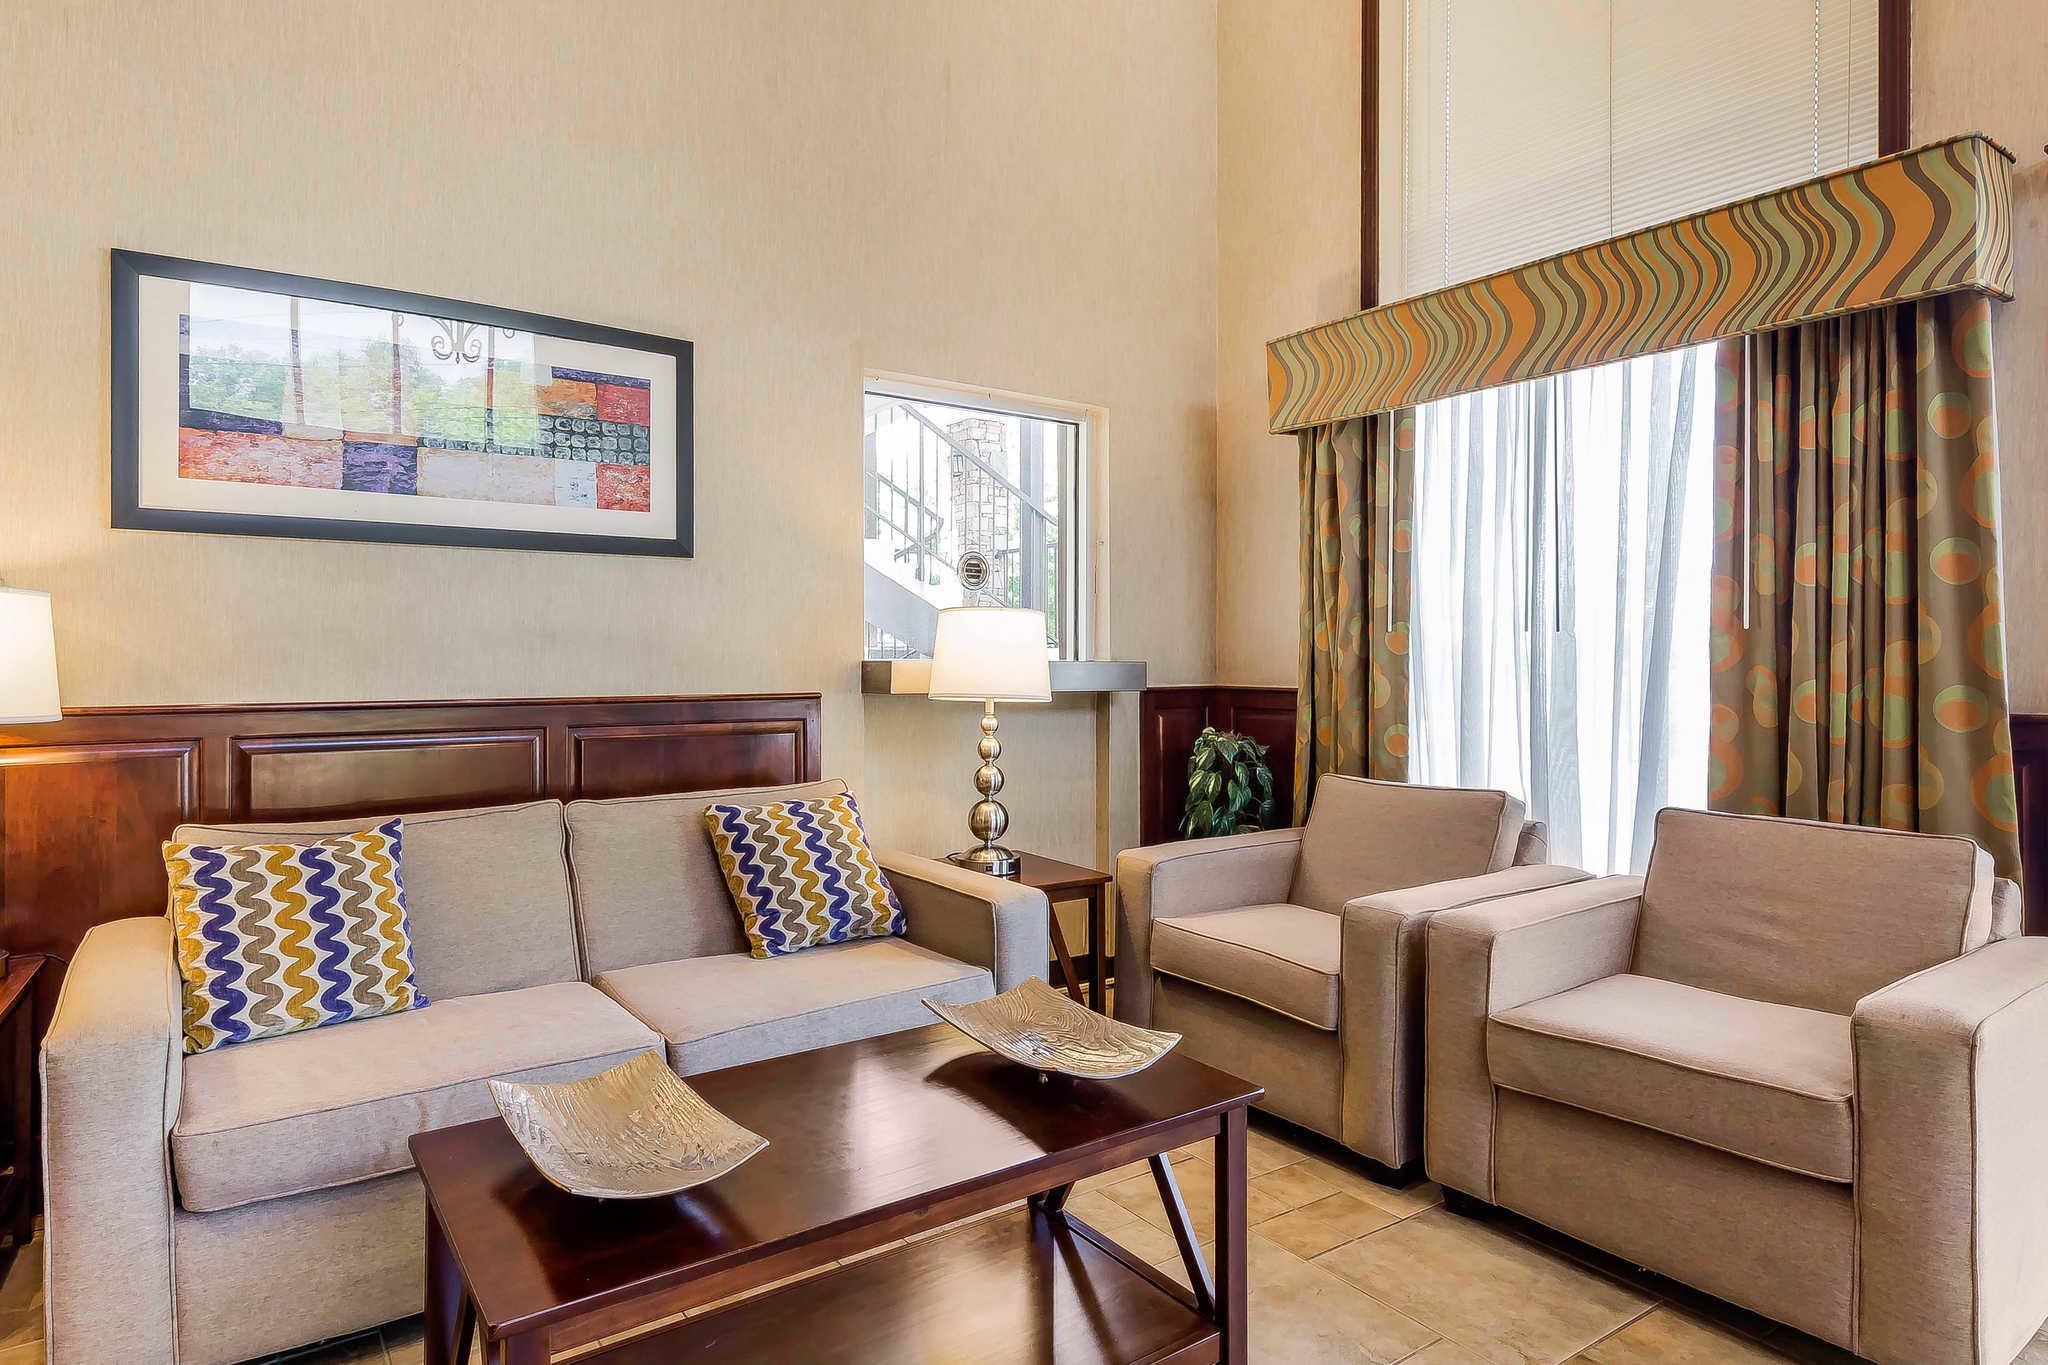 Quality Inn & Suites River Suites image 3